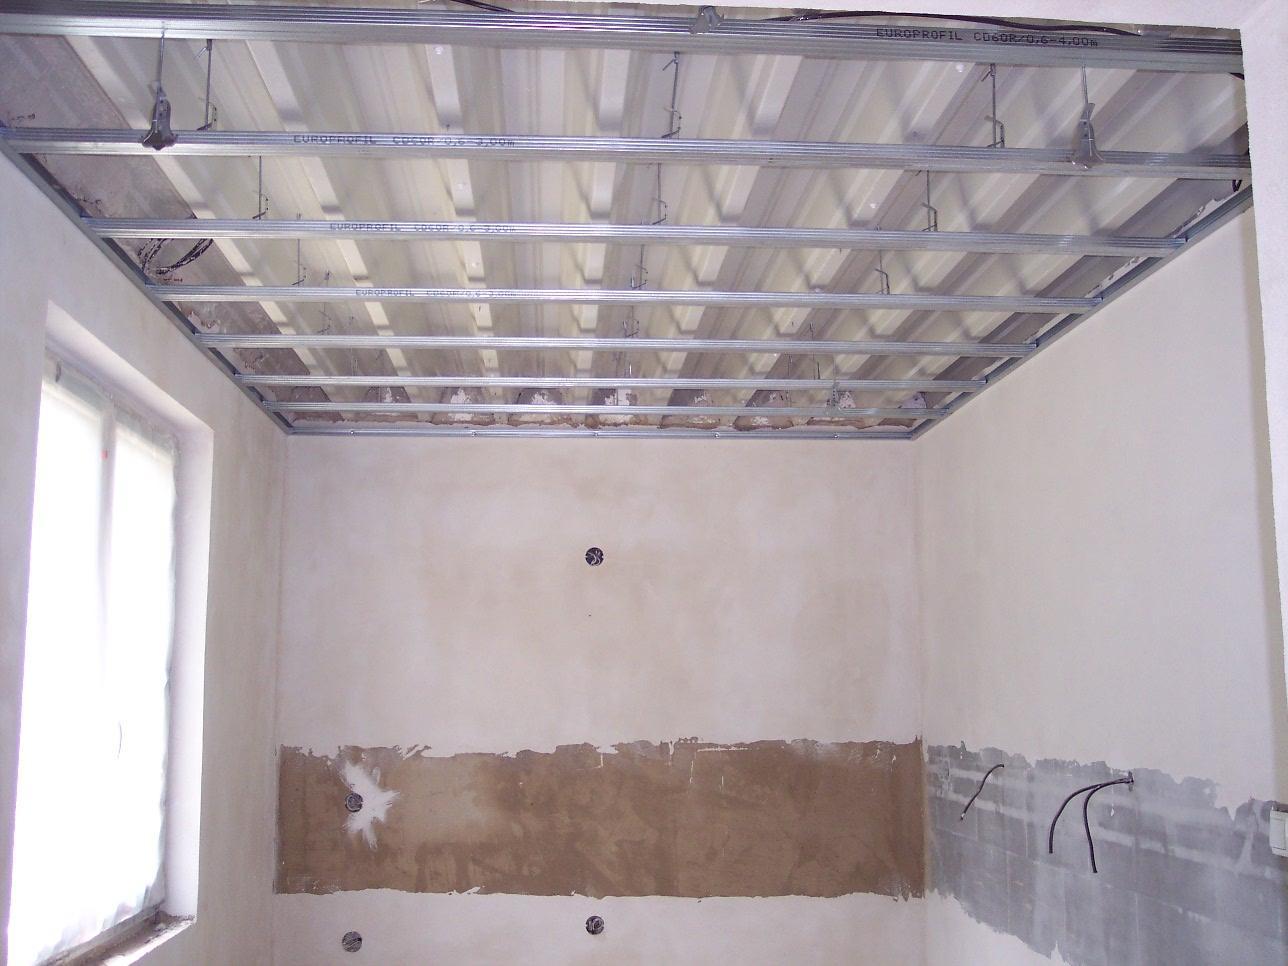 Můj domek svépomocí za 1,3 miliónu - Konstrukce pro sádrokarton v kuchyni.